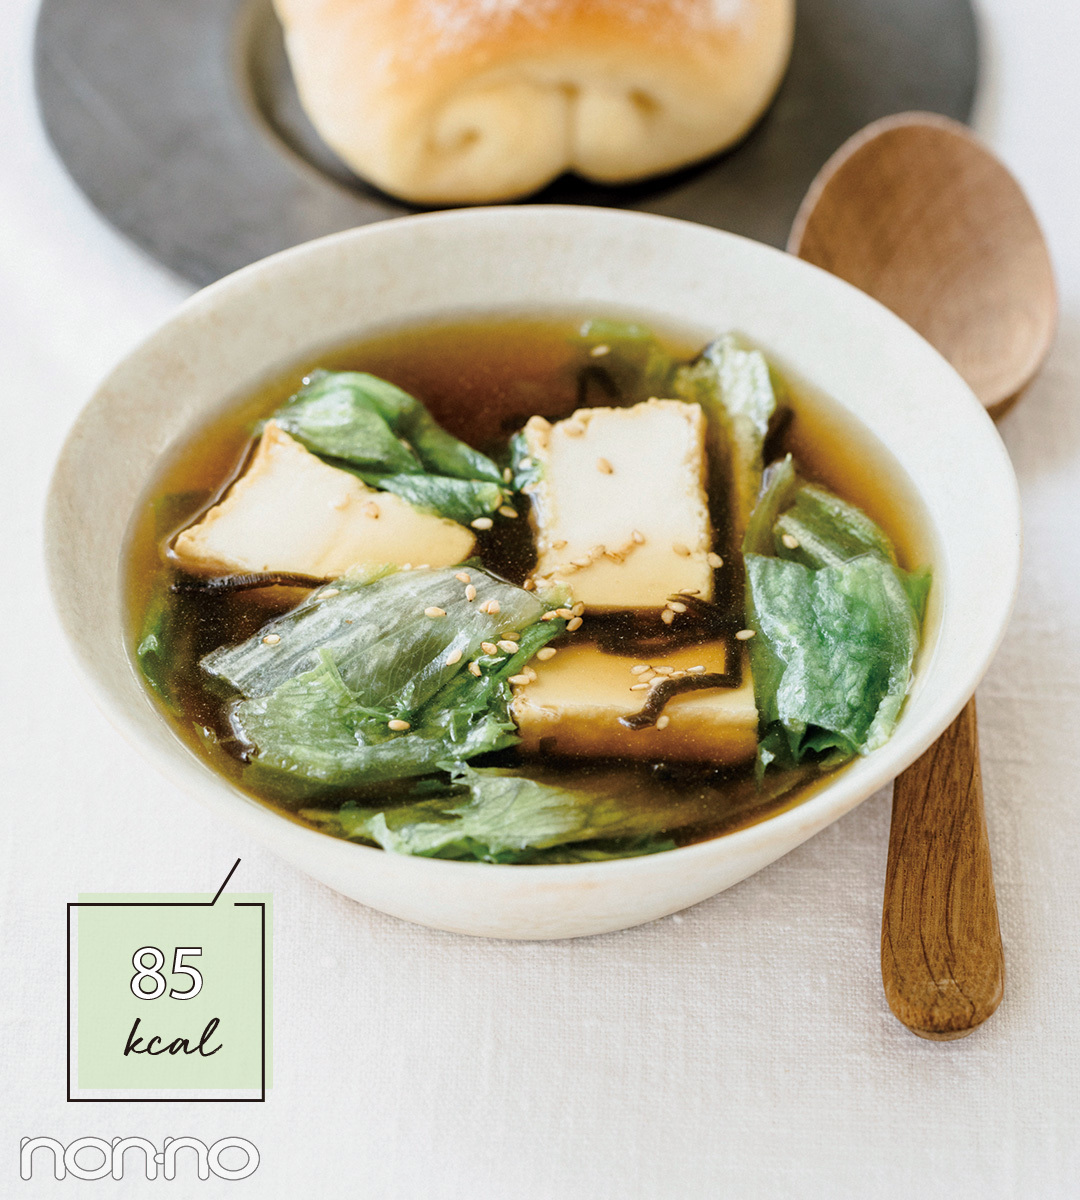 厚揚げとレタスの塩昆布スープ